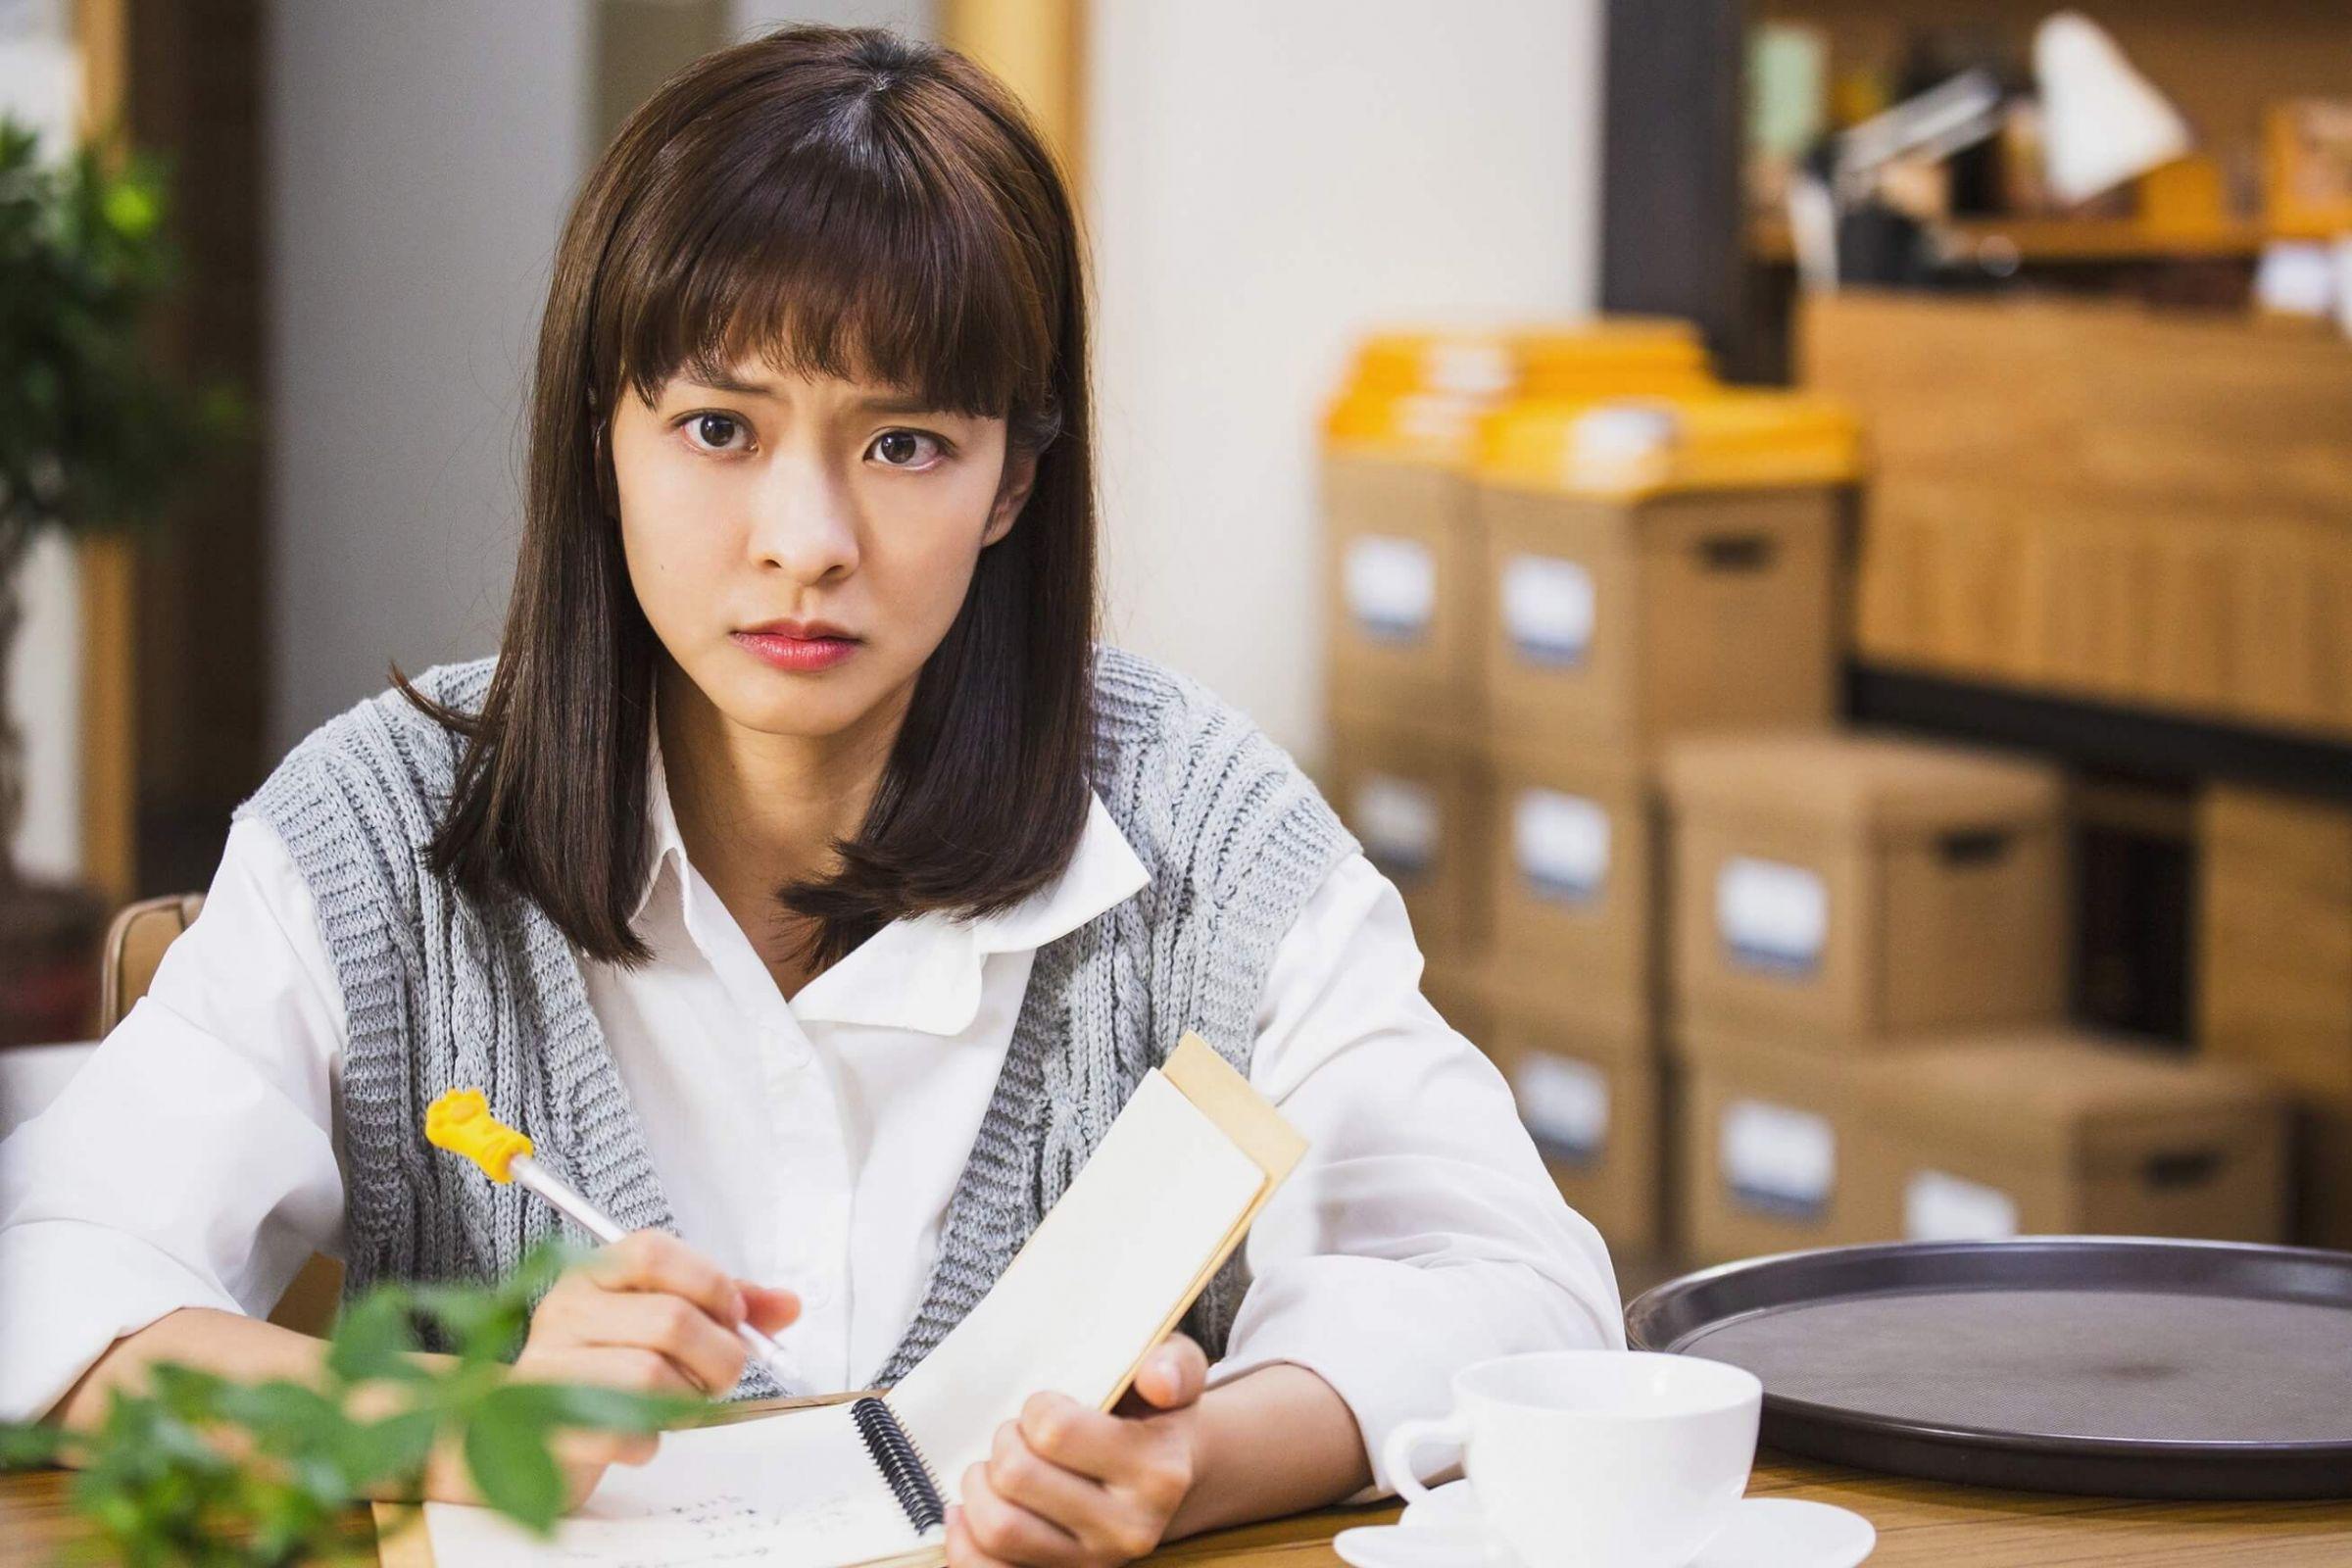 胡宇威「首演王牌律師」 緊張坦承:常感覺自己忘記呼吸